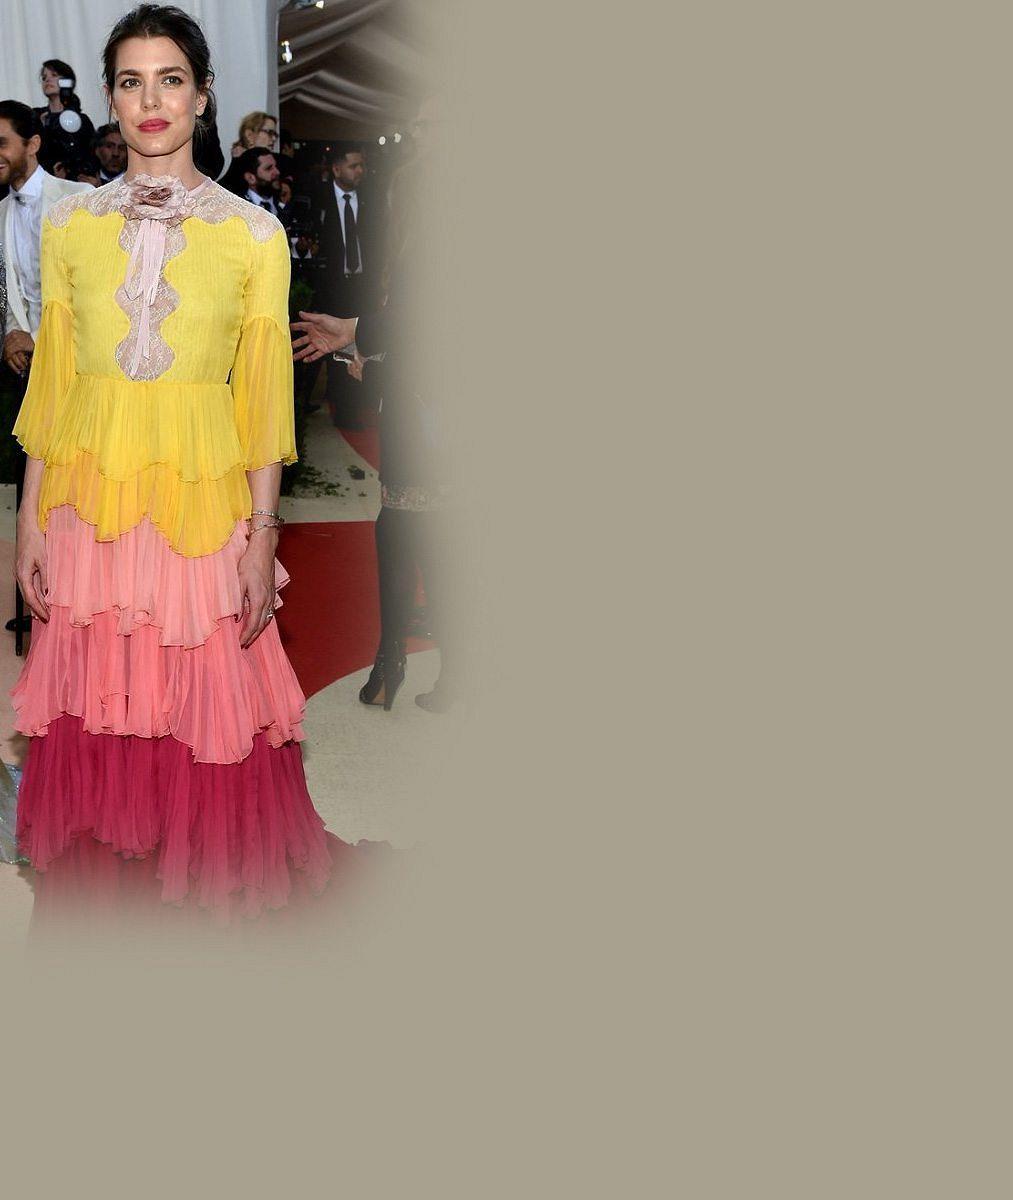 Grace Kelly by se nestačila divit: Vnučka monacké kněžny vypadala v otřesných šatech jako pestrá divadelní opona